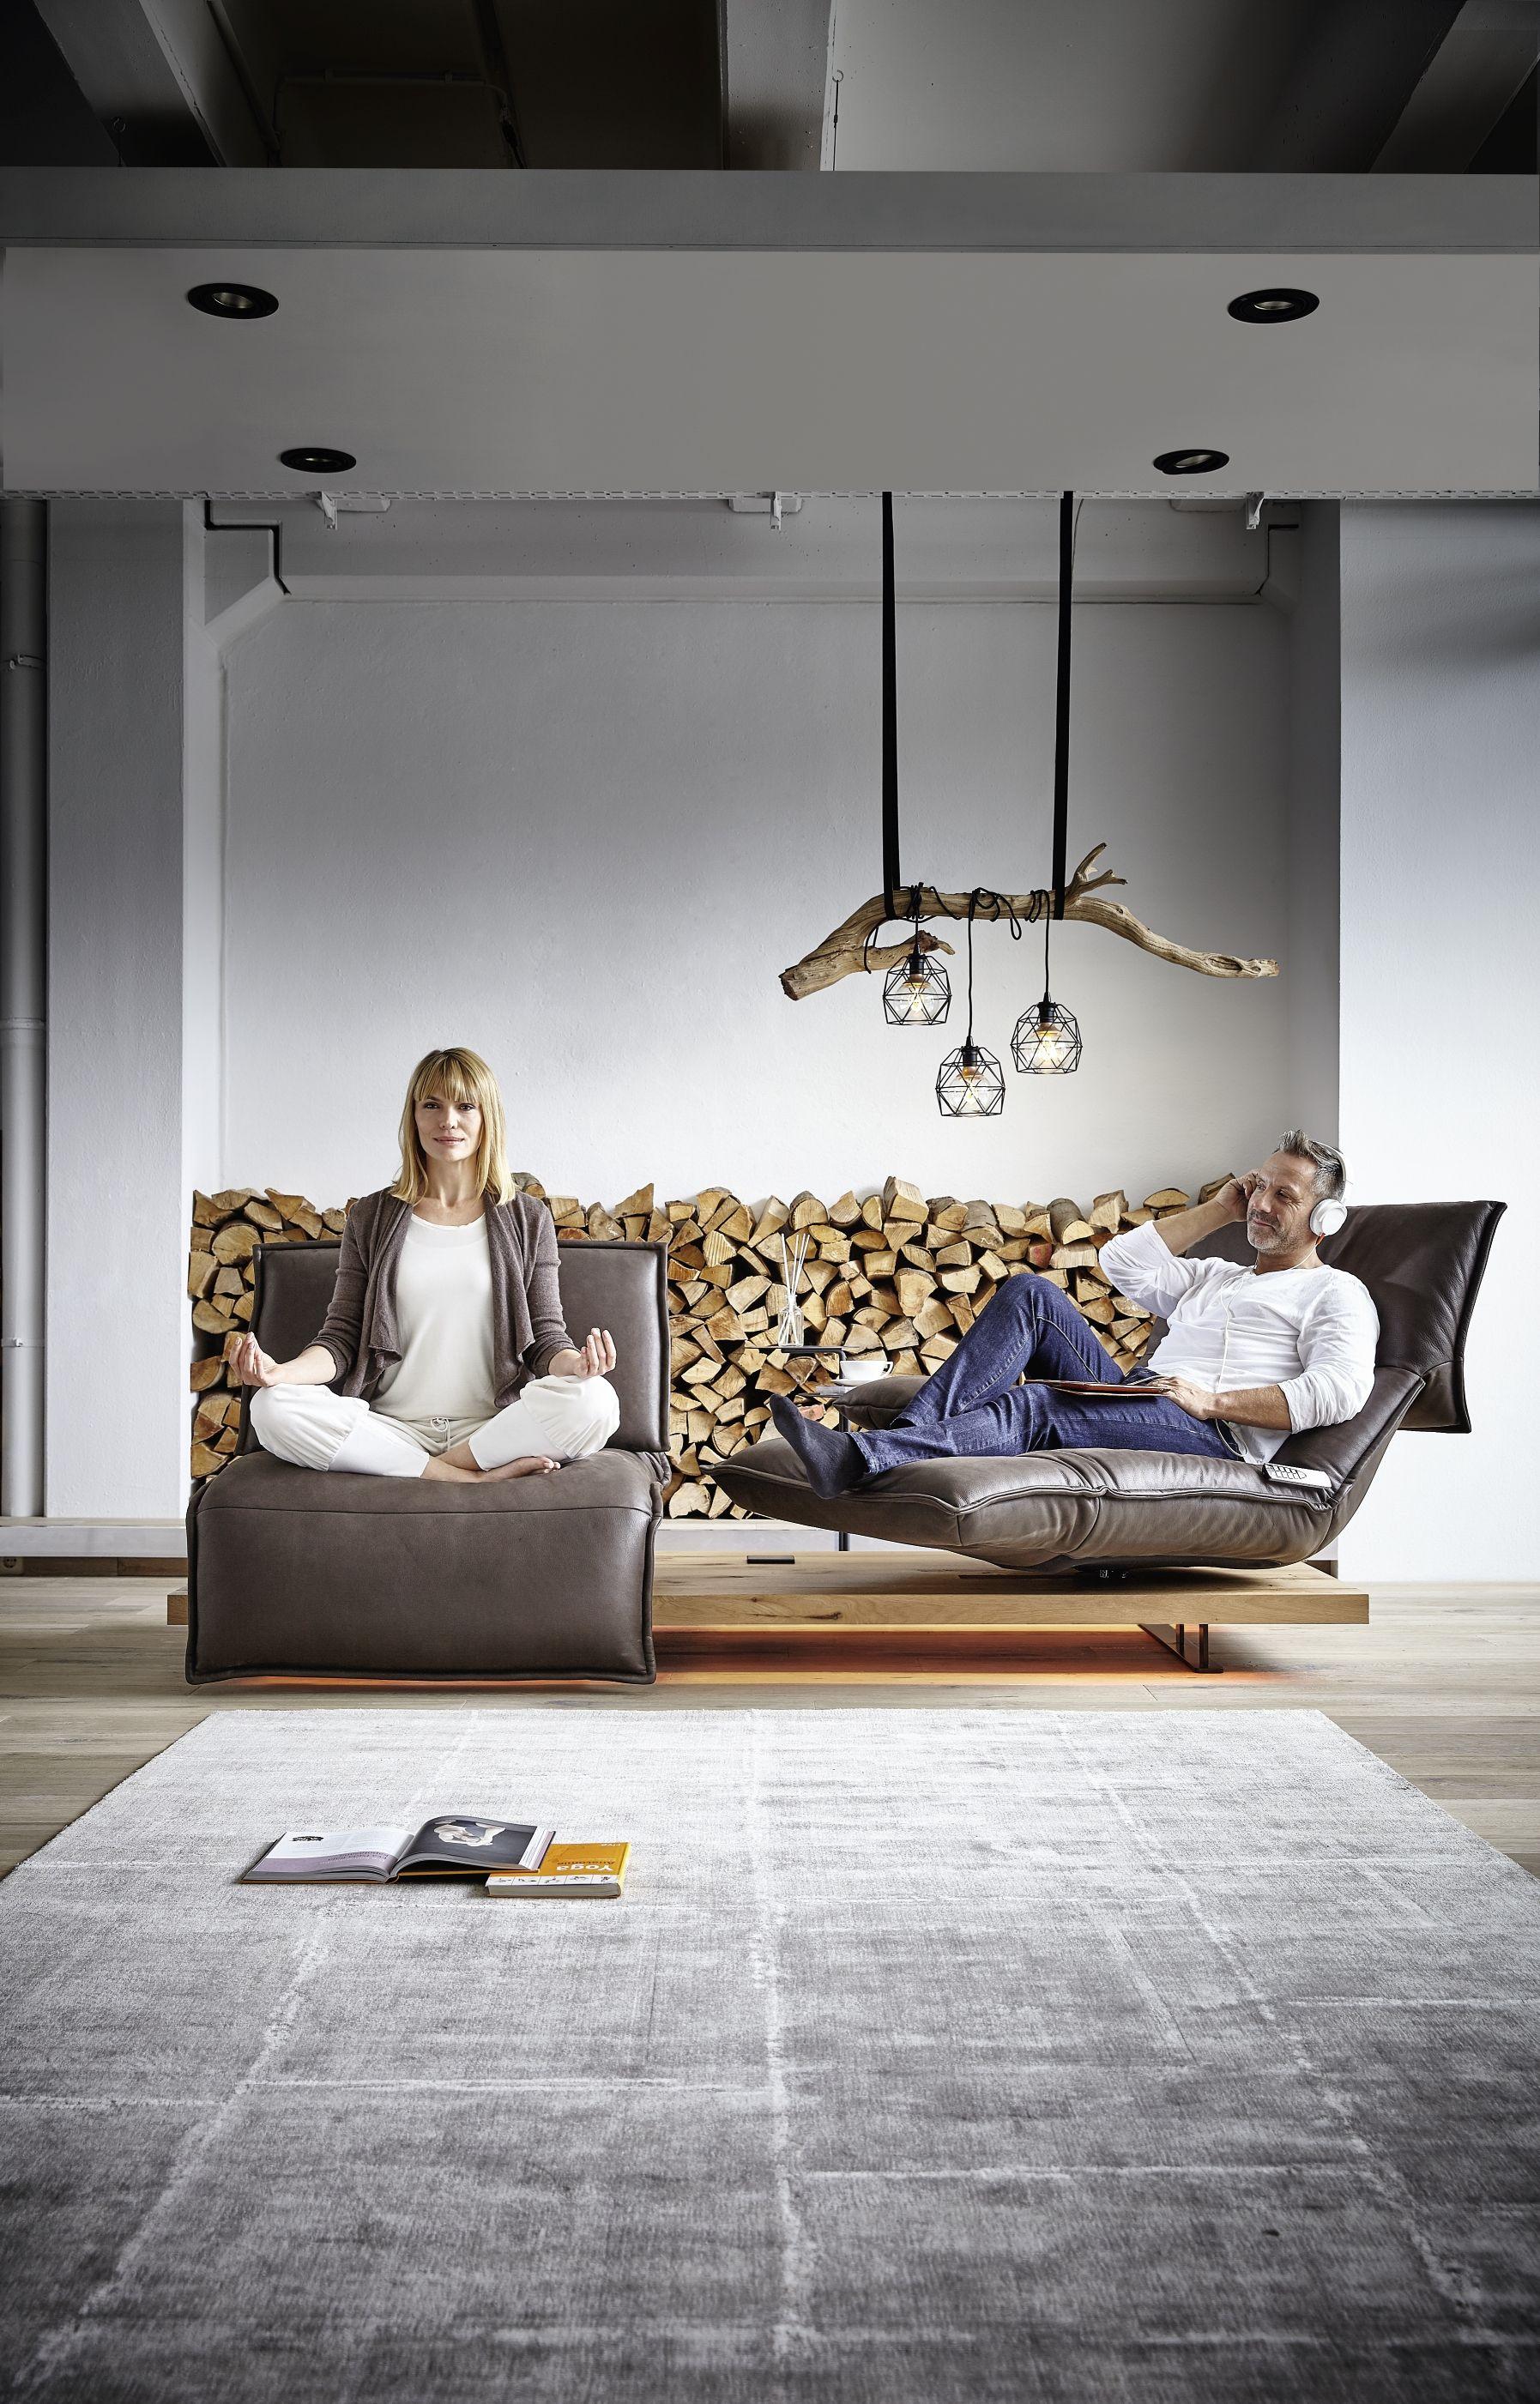 Designsofa Free Motion Von Koinor Sofas Wohnzimmer Mobel Wohnzimmer Sofa Design